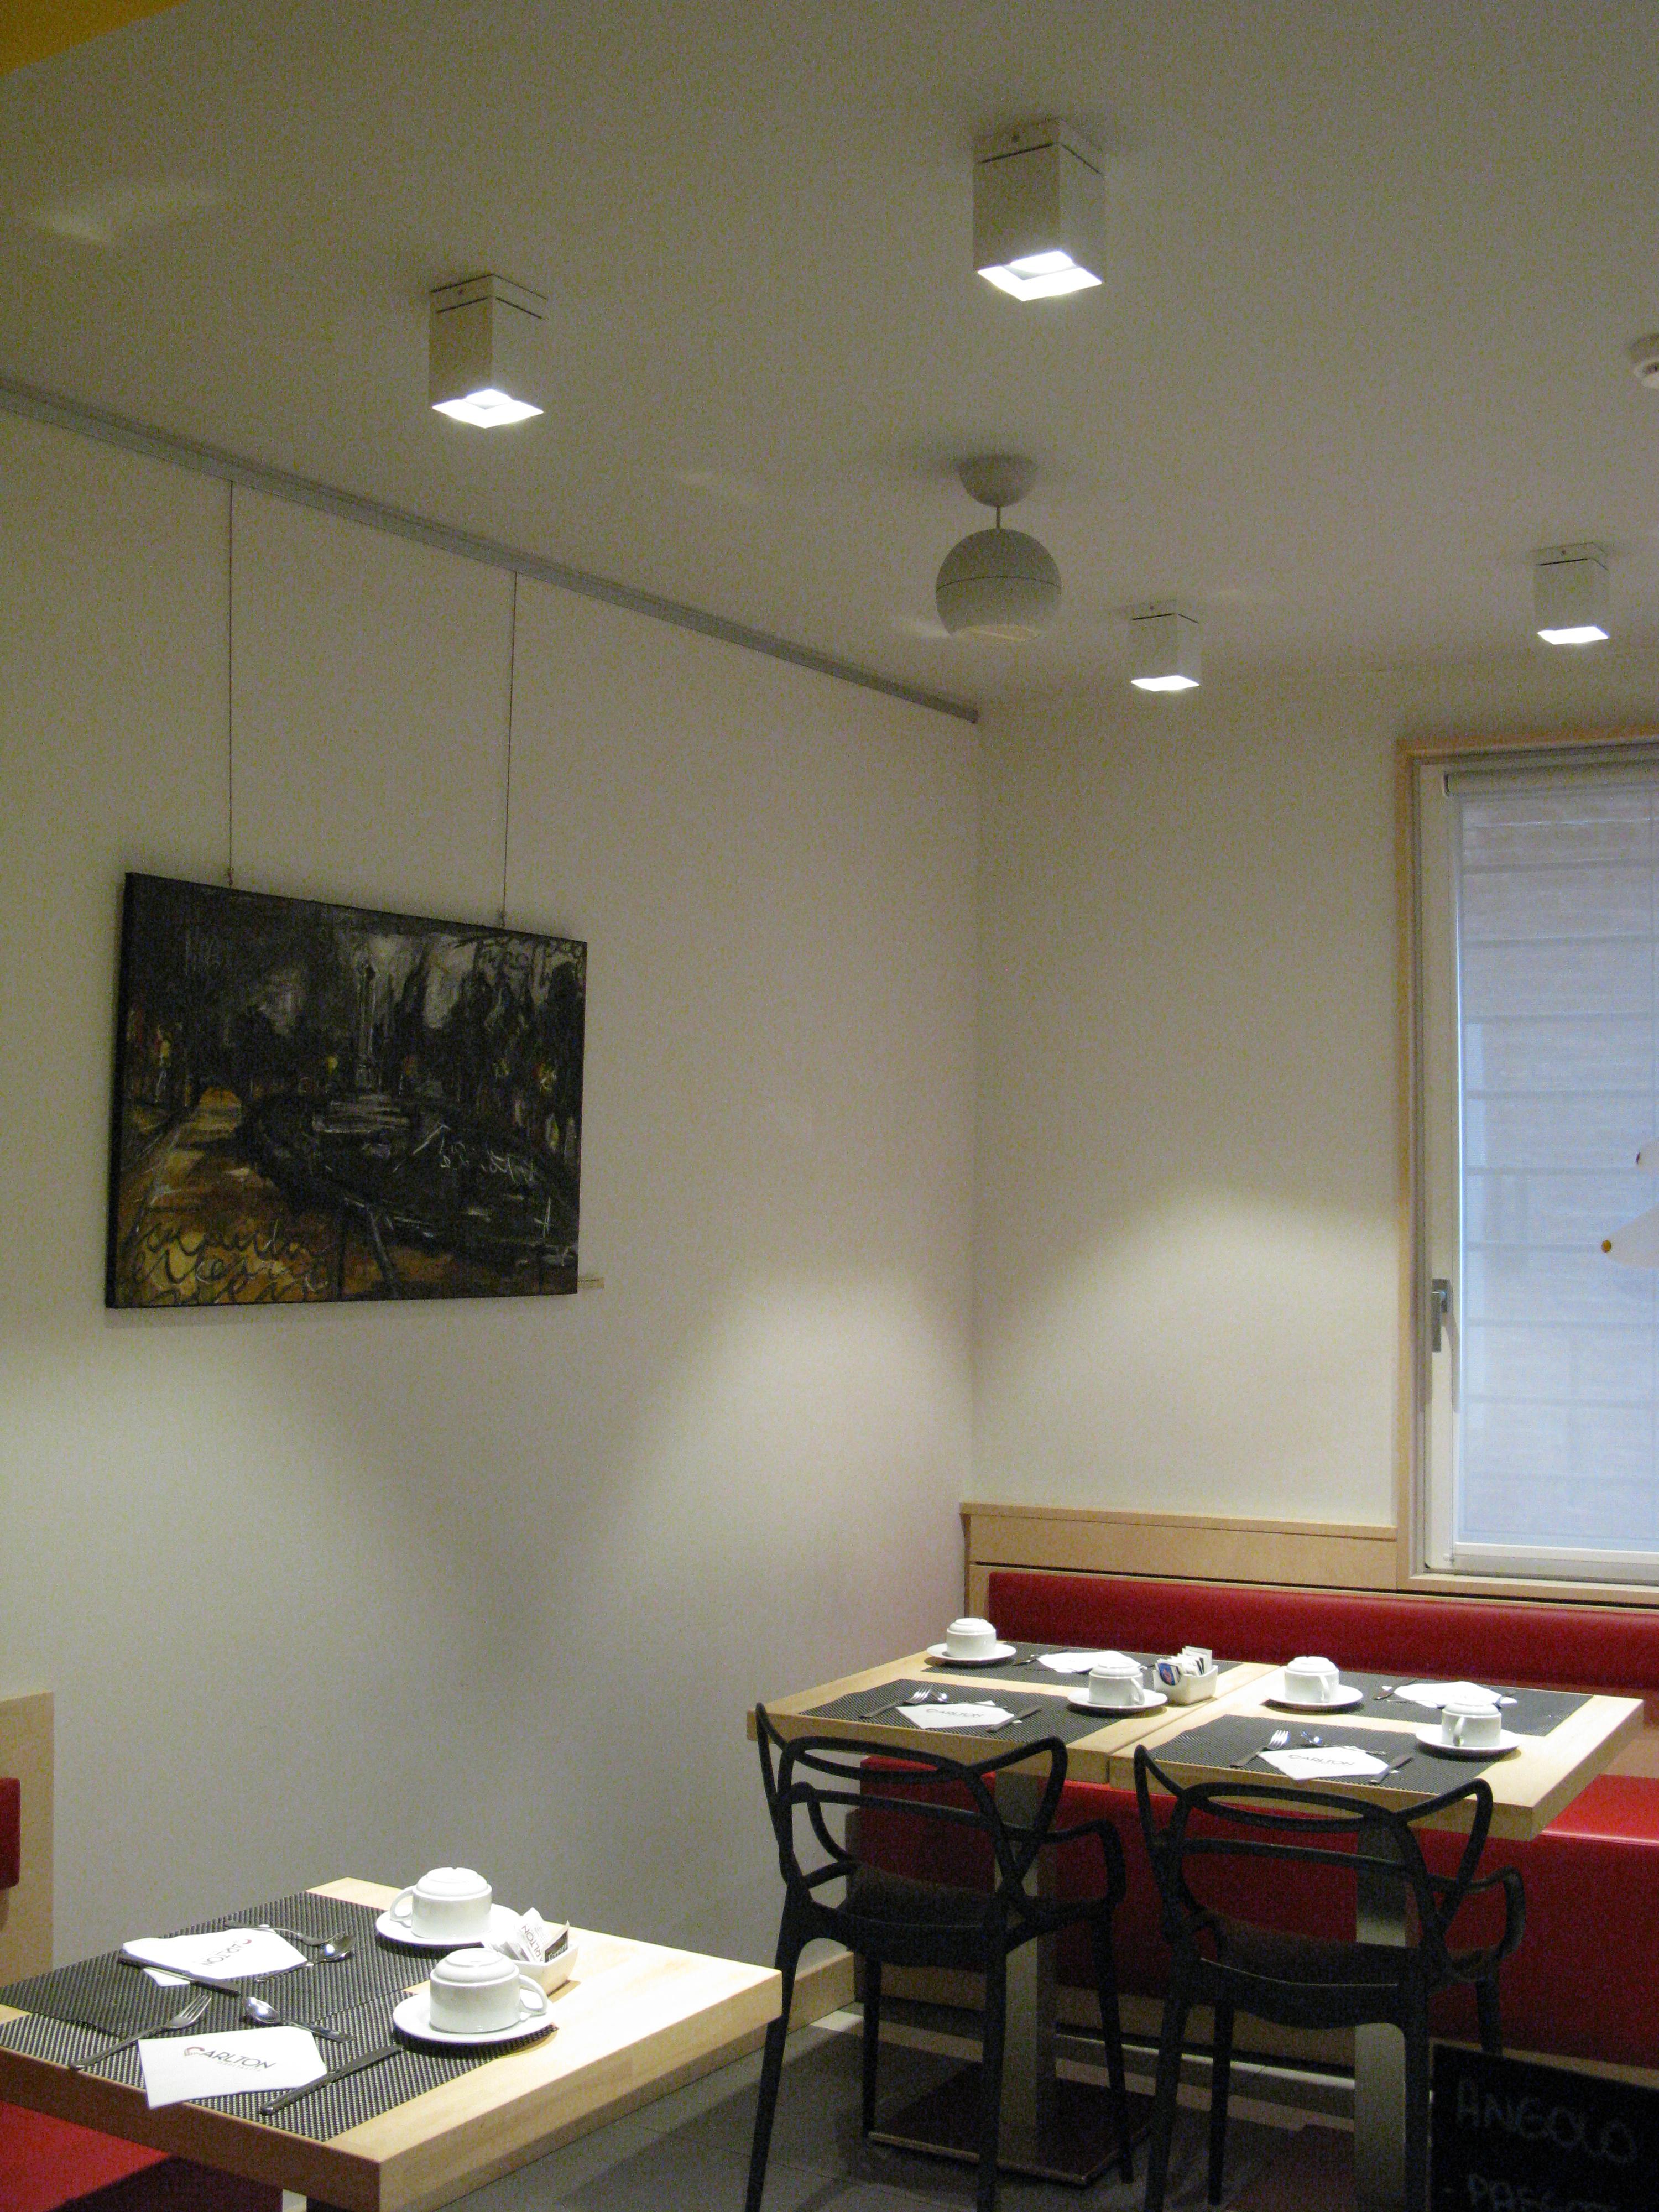 R25 nobile sistemi di illuminazione a led for Sistemi di illuminazione led